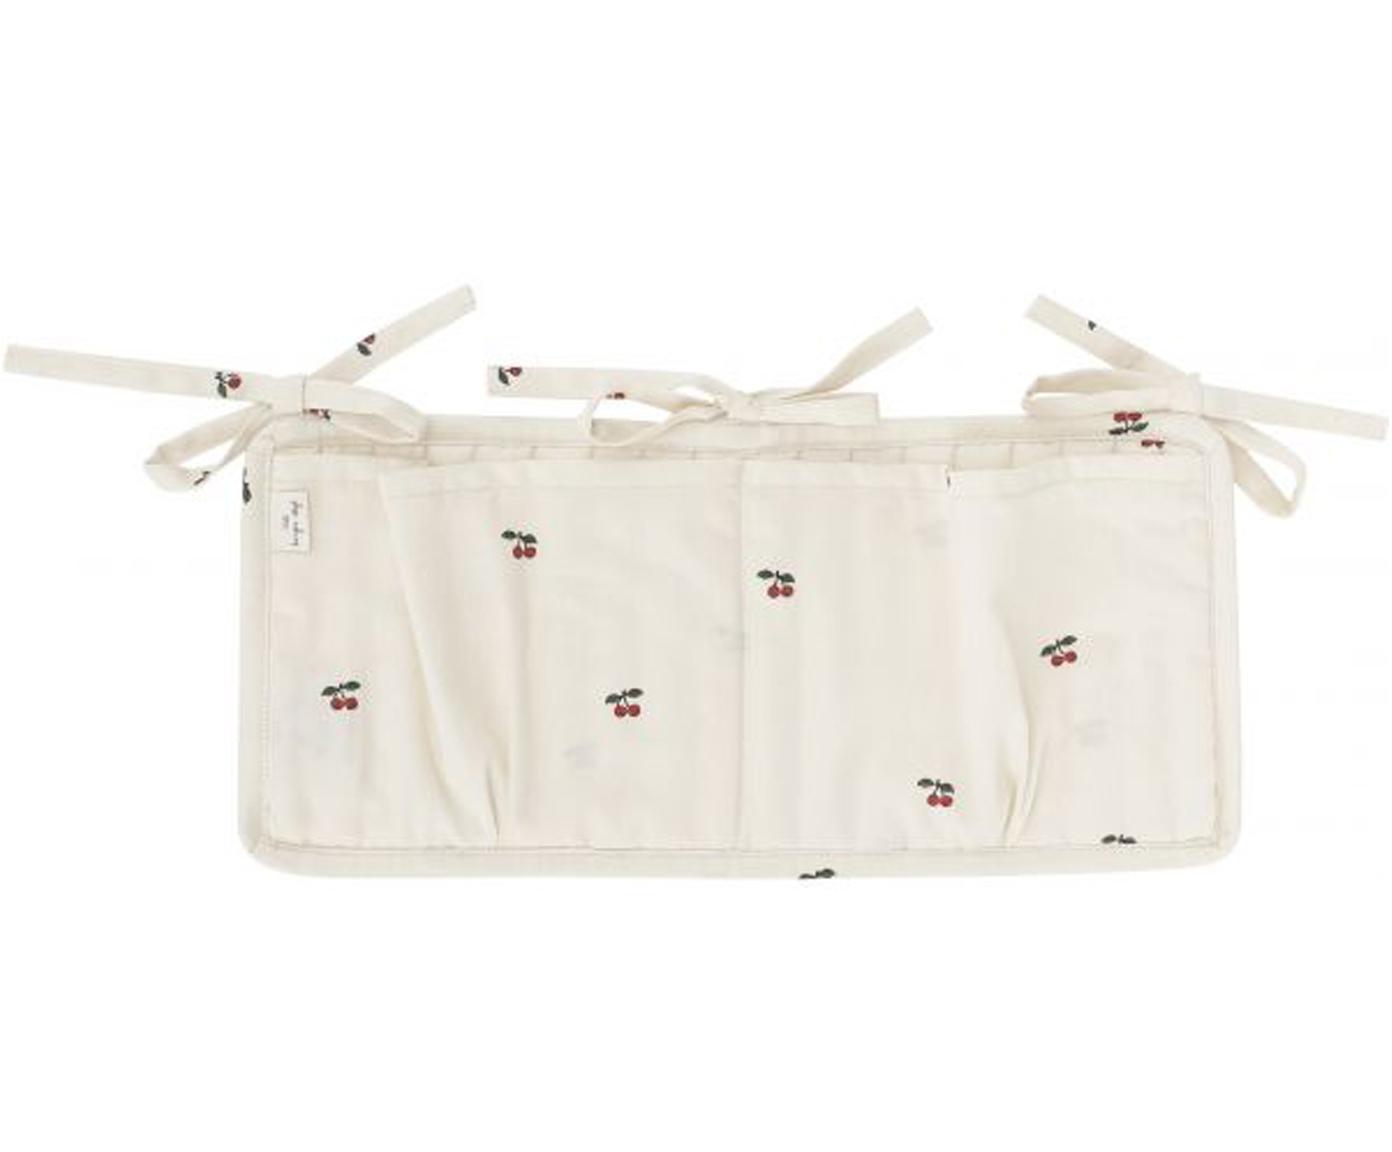 Portaoggetti per lettino e culla Quaby, Rivestimento: raso di cotone organico, , Bianco, rosso, Larg. 17 x Alt. 35 cm